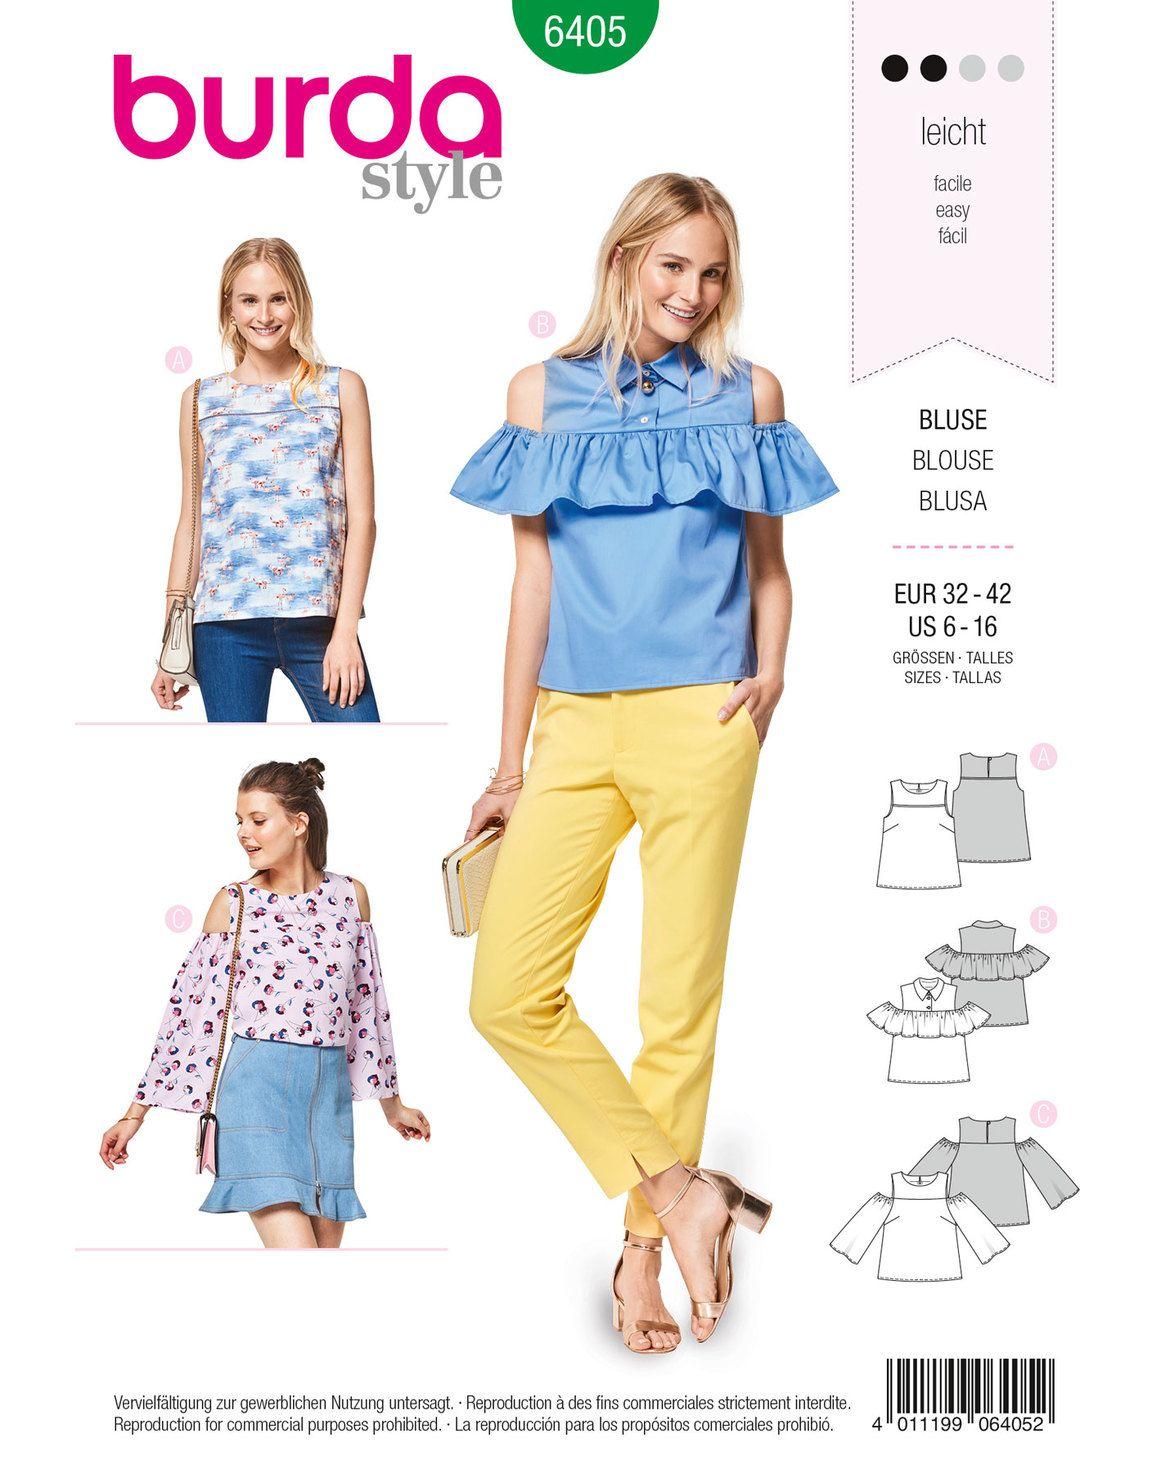 Blusenshirt F/S 2018 #6405A | Rüschen bluse, Blusen und Burda style